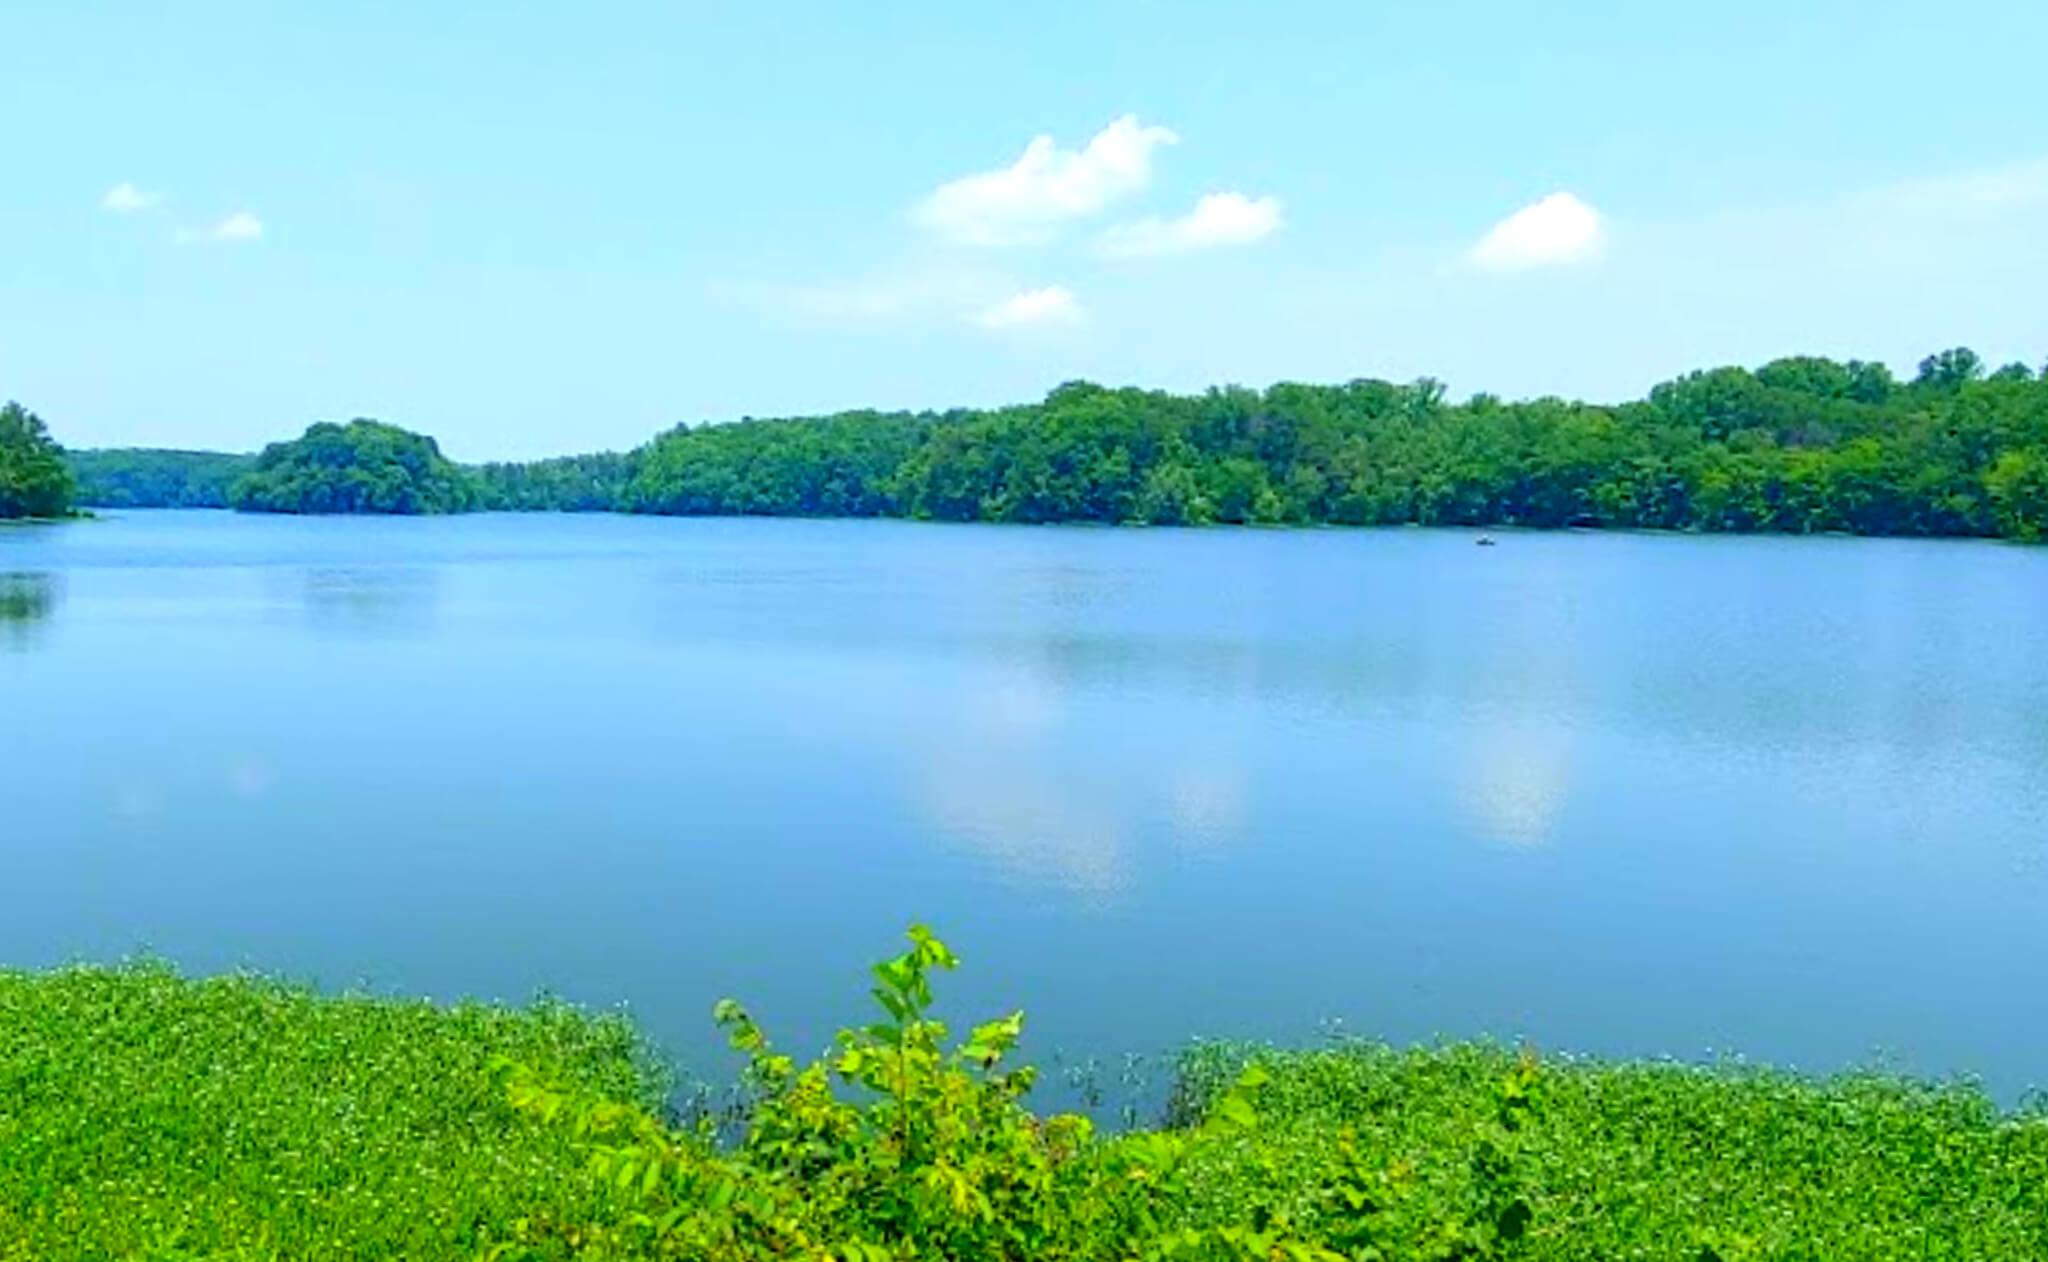 Burke-Lake-Fishing-Report-Guide-Virginia-VA-01